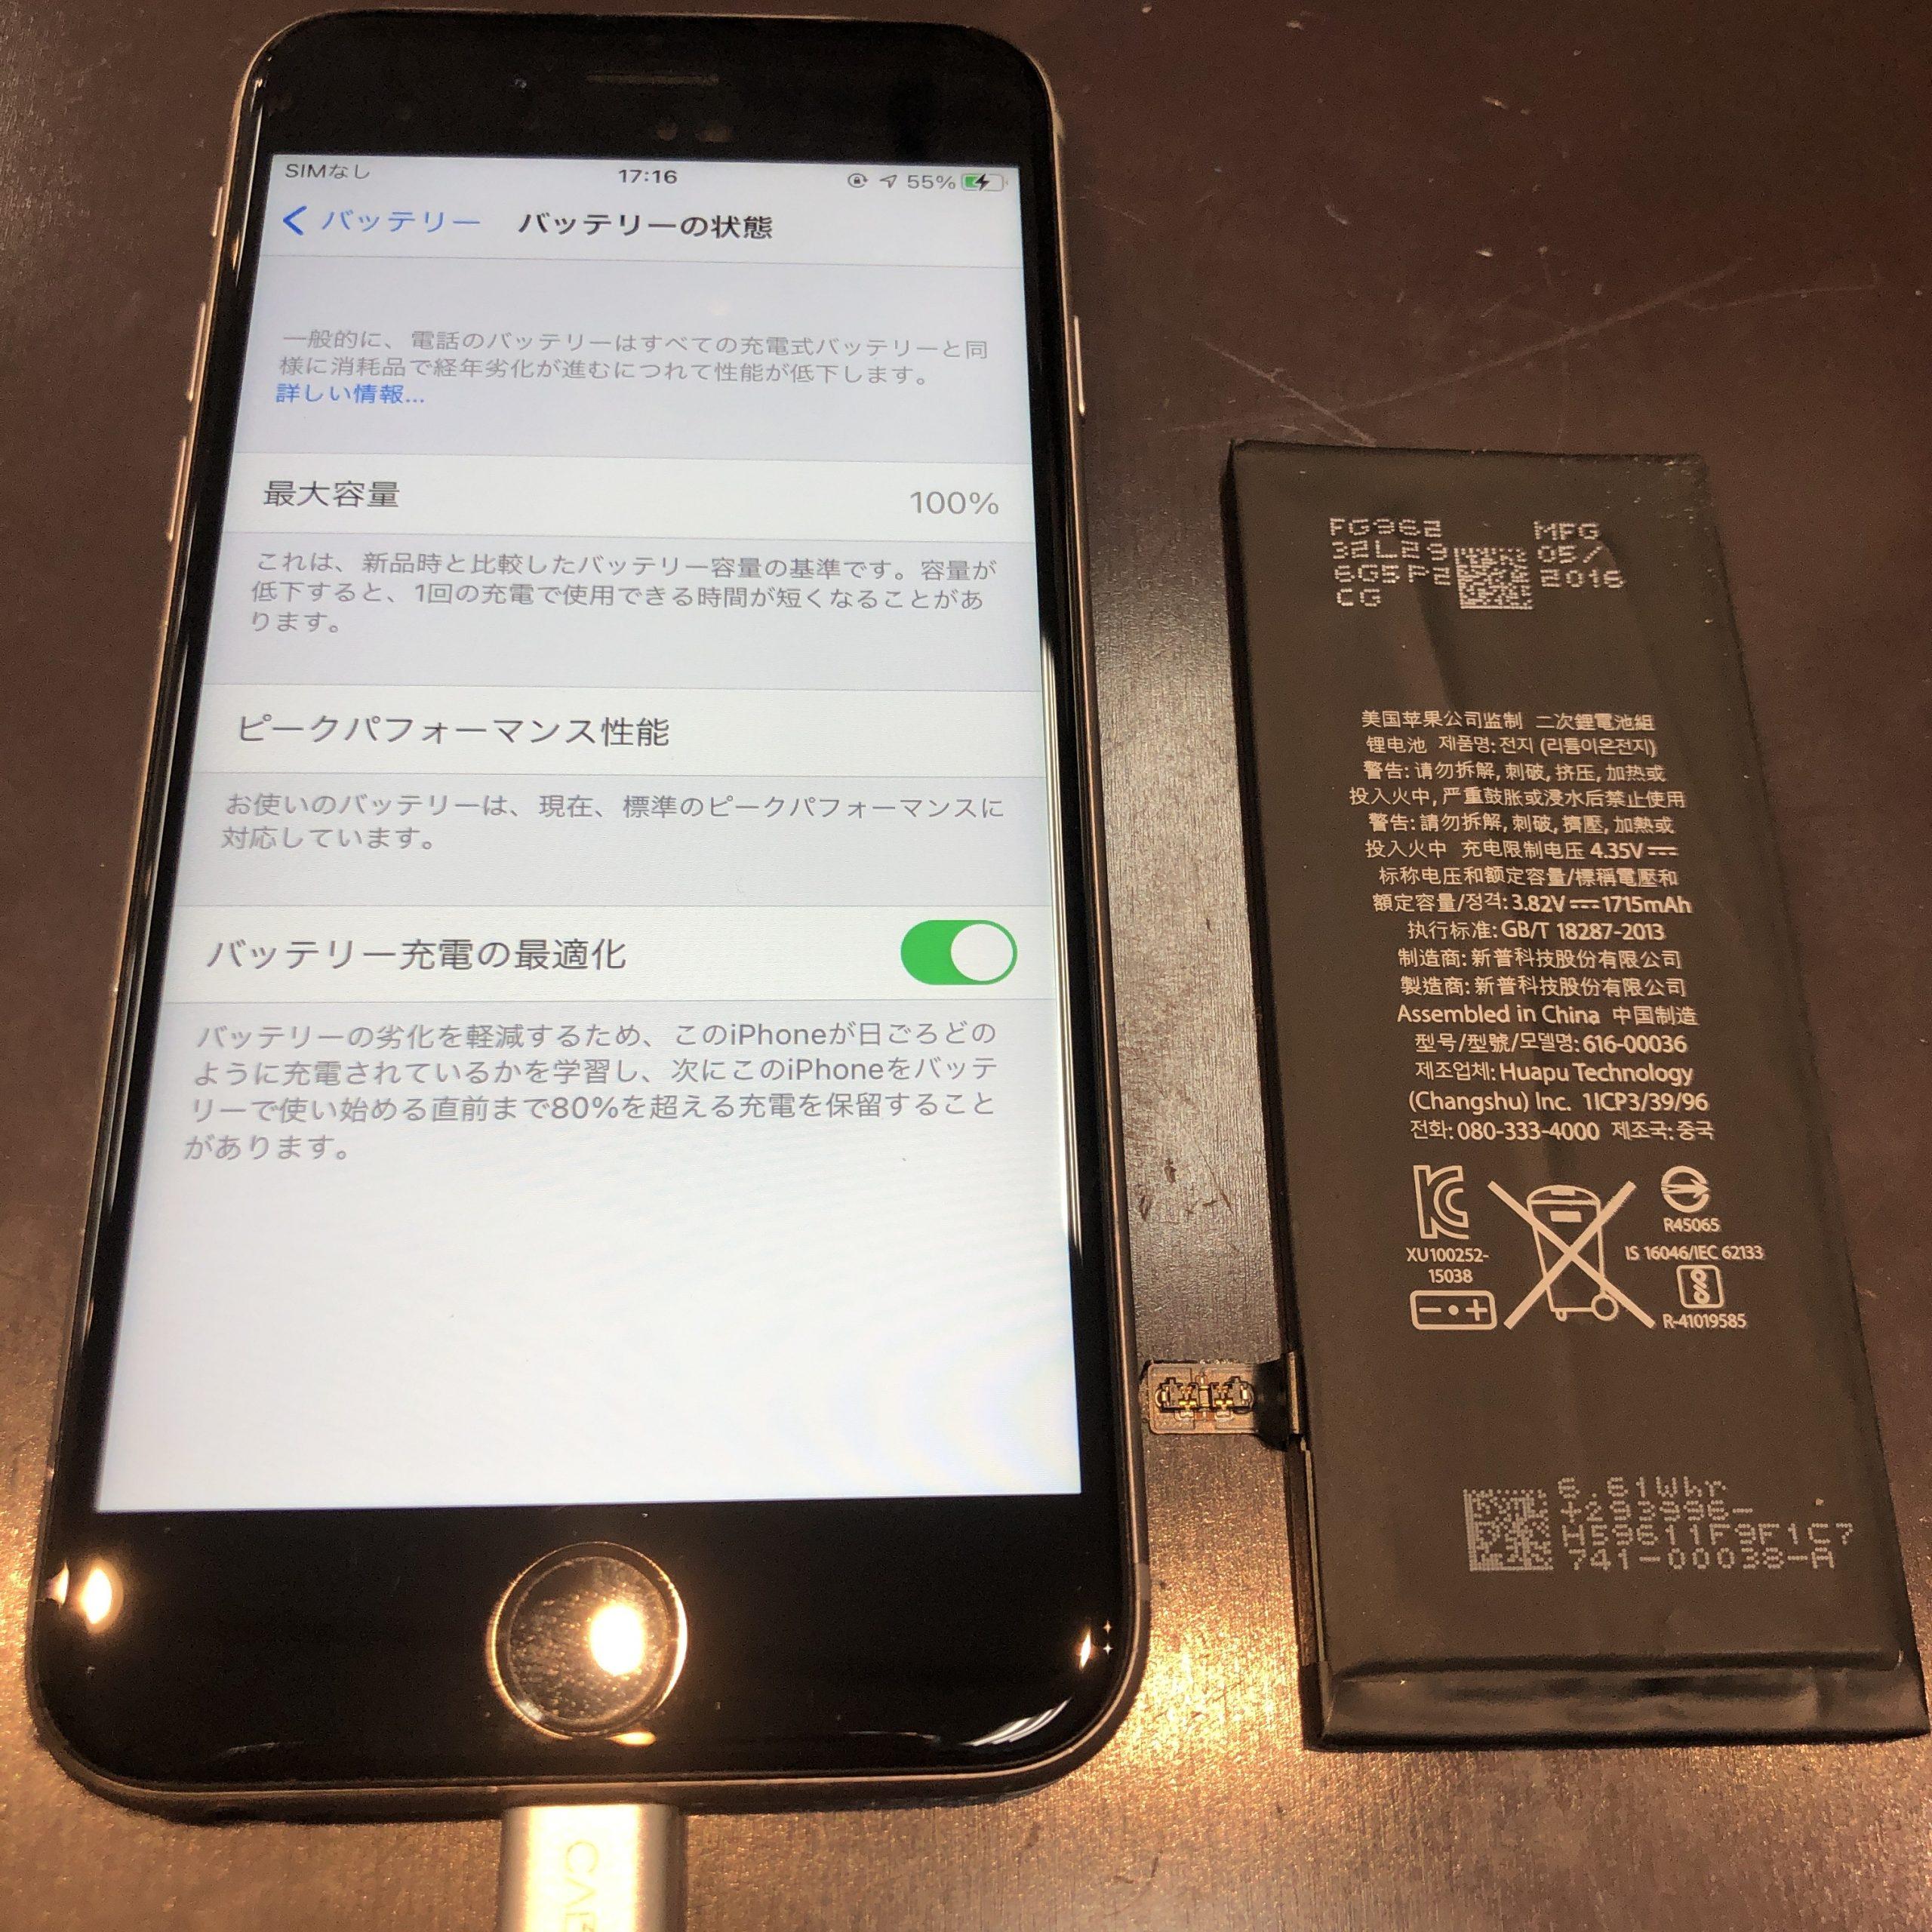 【iPhone 6s 】佐賀市よりバッテリー交換にお越しいただきました